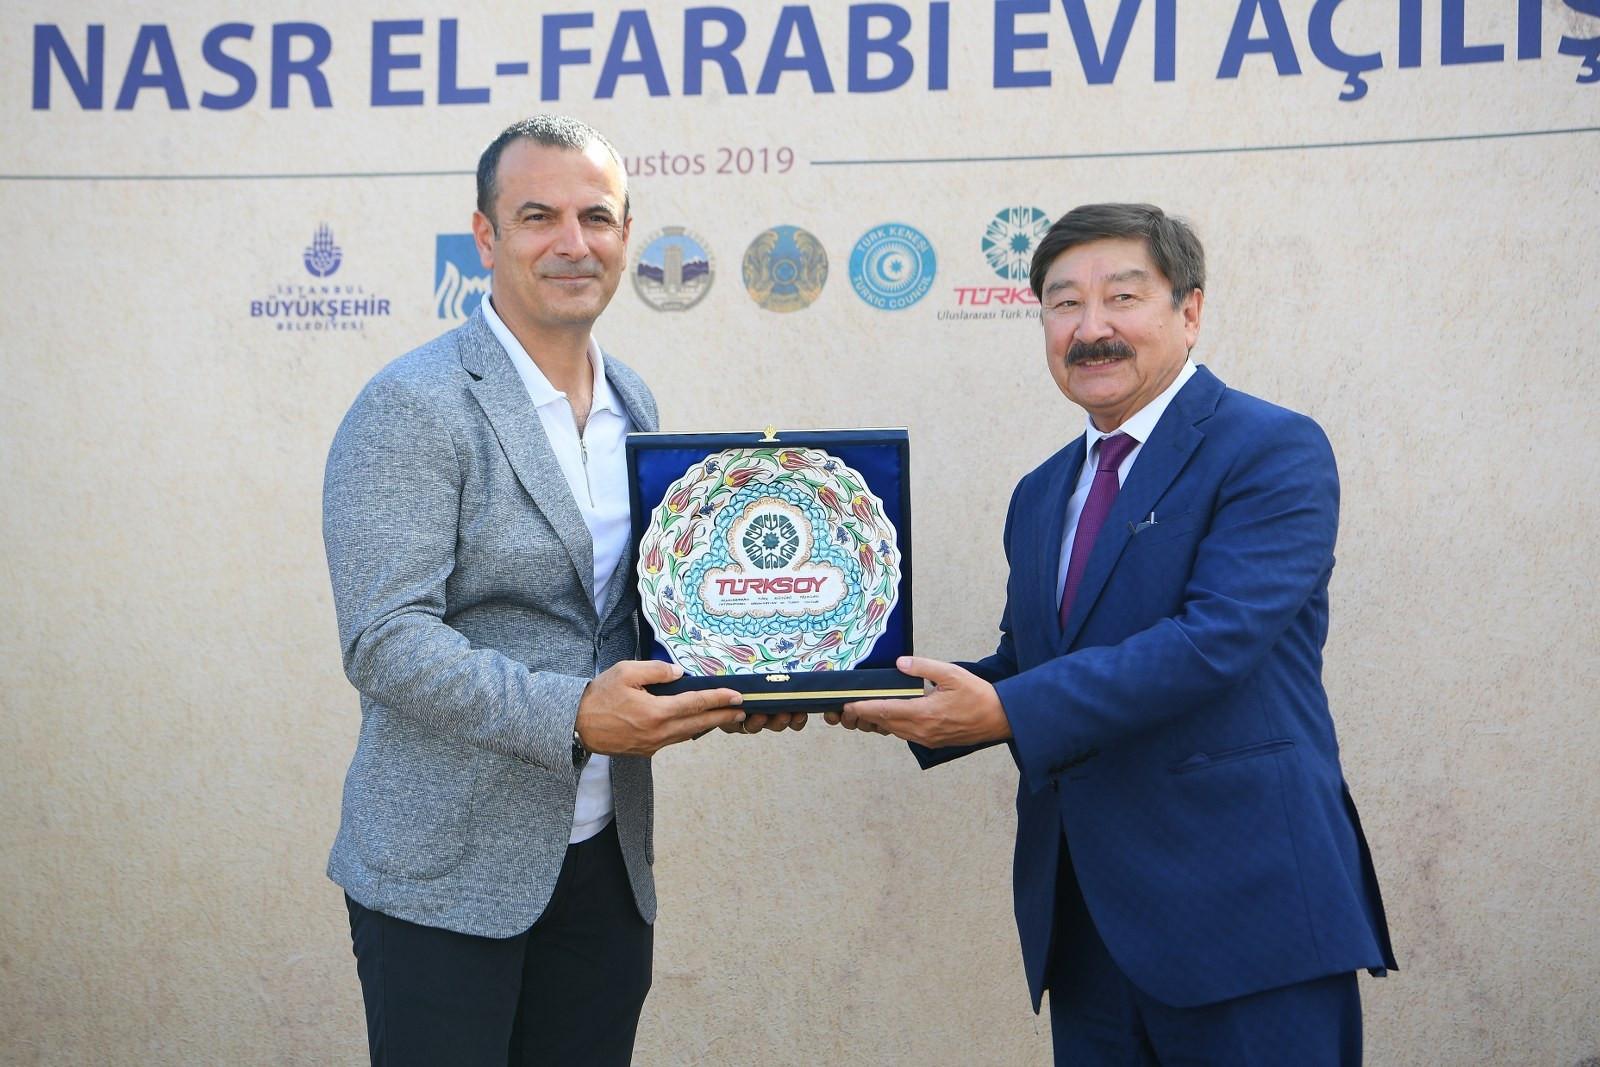 Ebu Nasr El Farabi Evi açıldı Galeri - 15. Resim